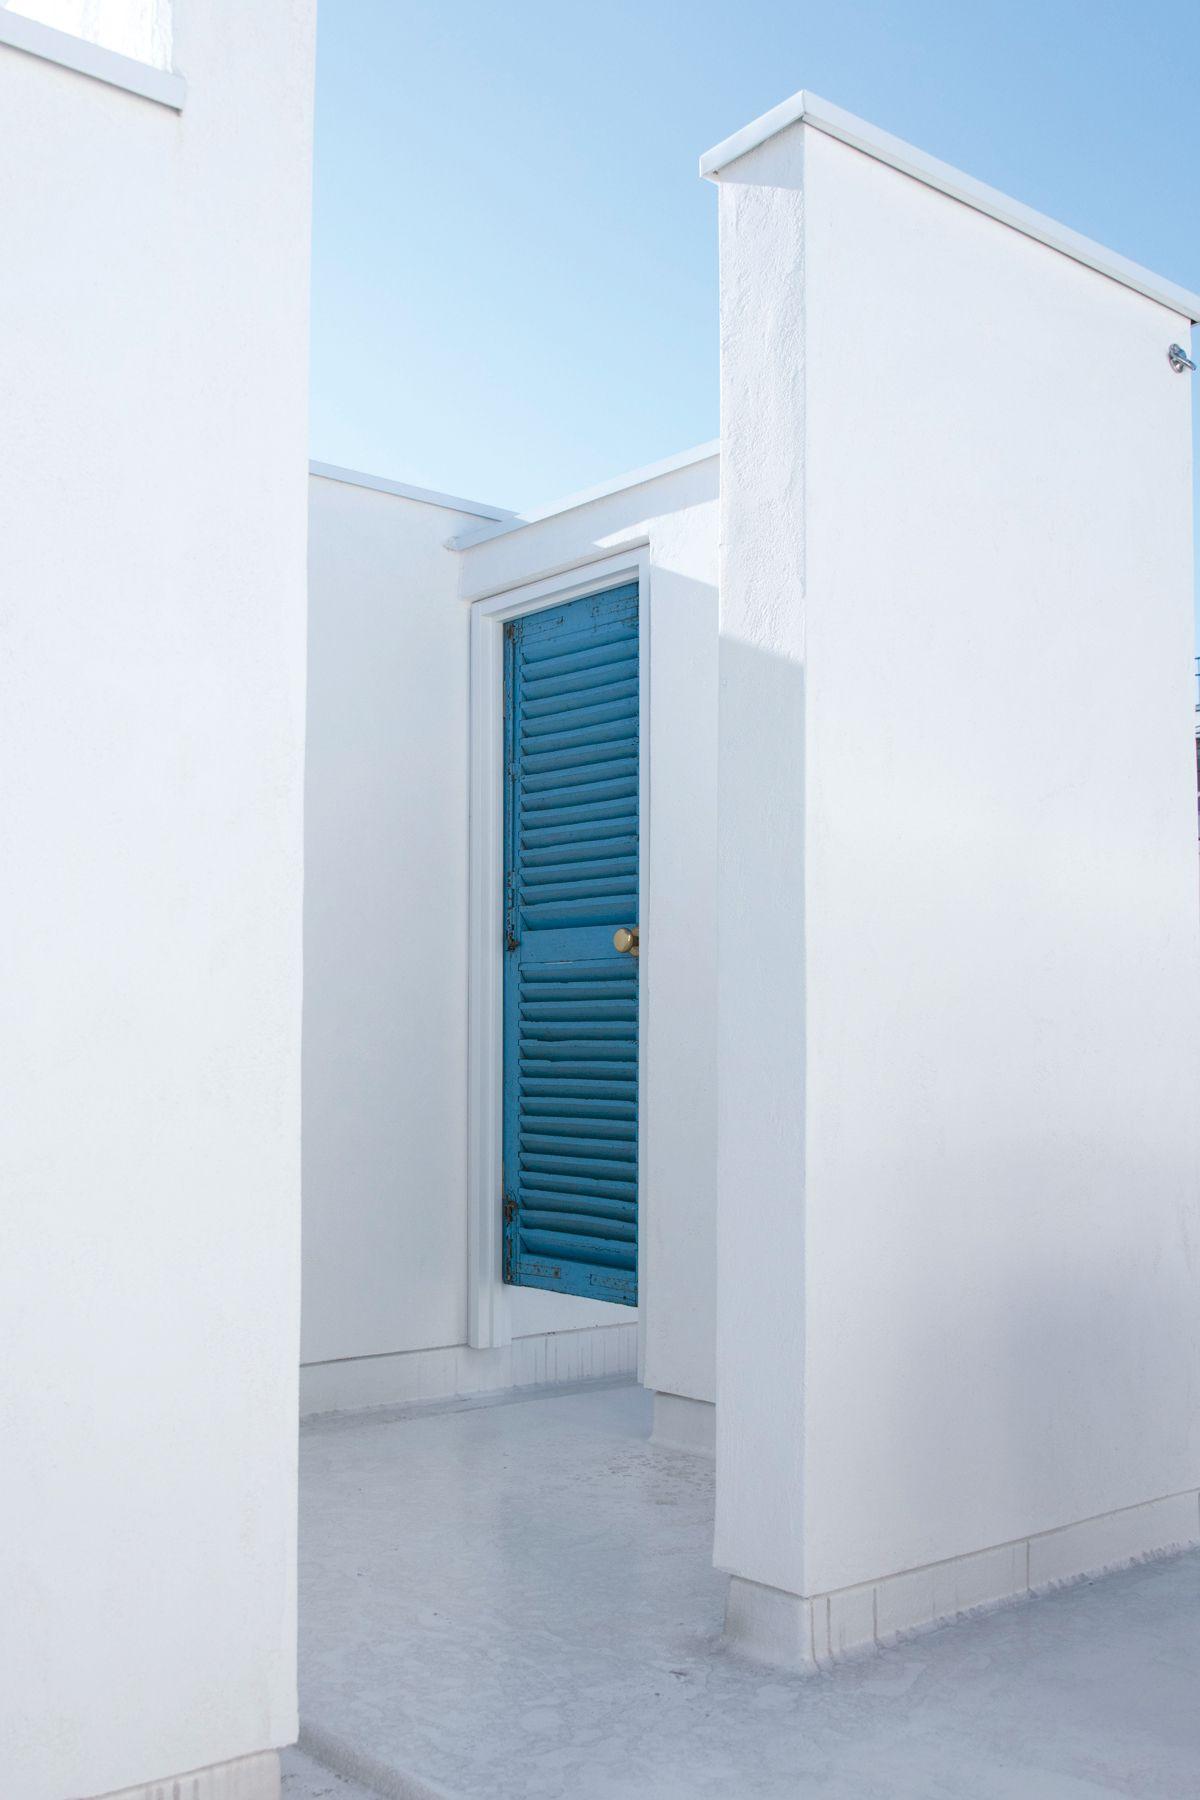 104/個人宅 (イチマルヨン)RF アクセントに青いドア